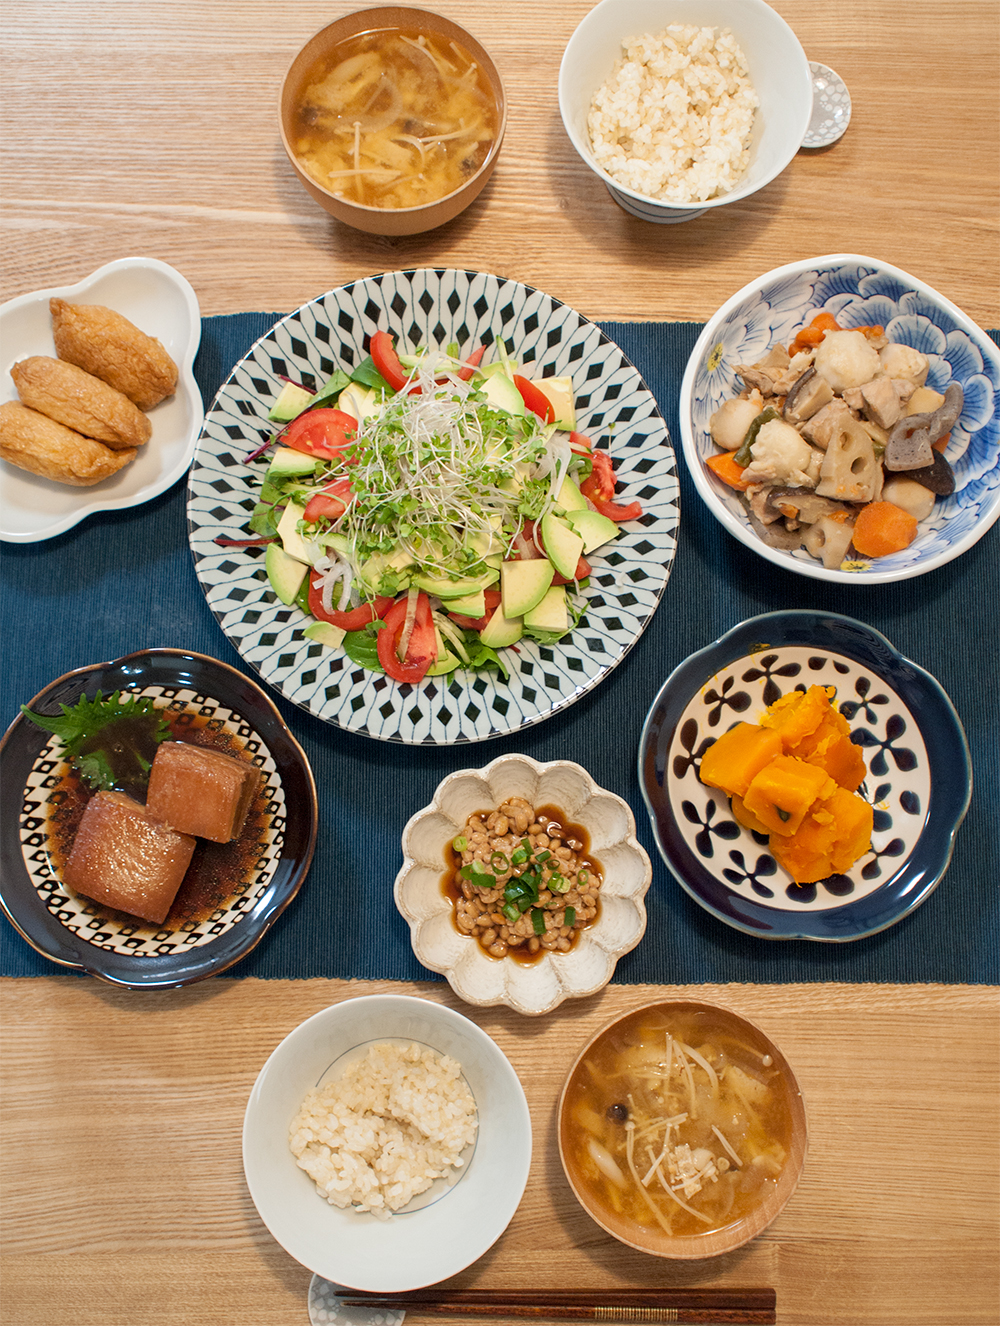 サラダと煮物などの食卓